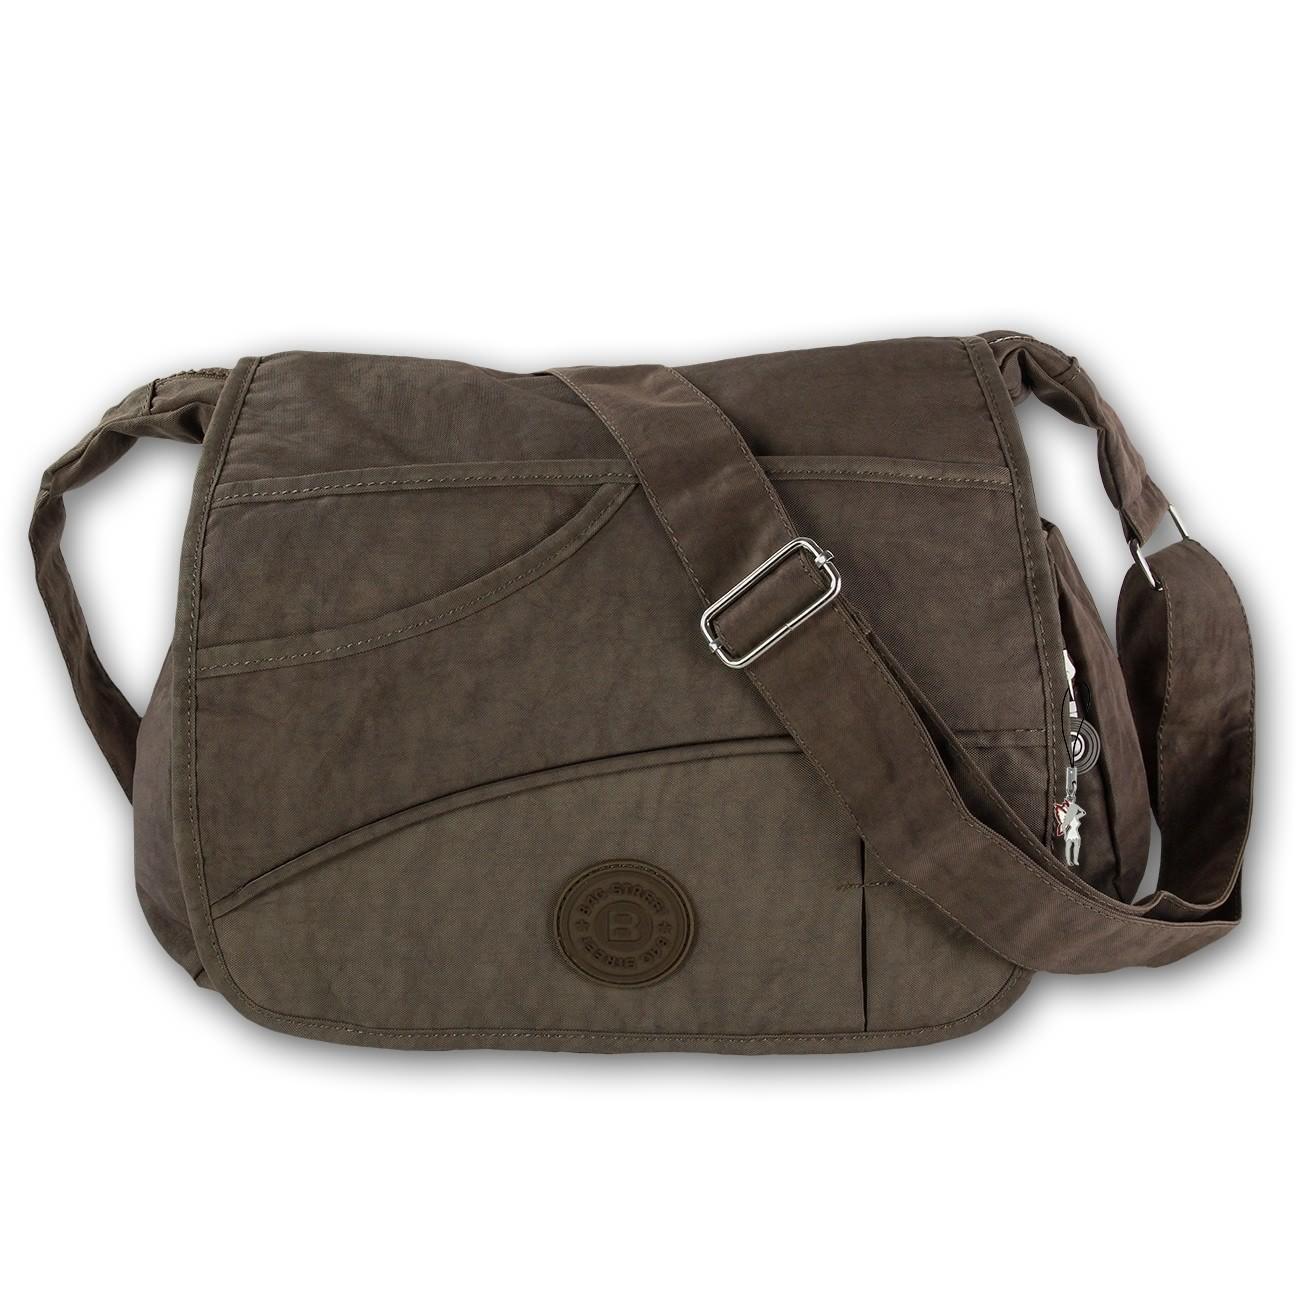 Umhängetasche Nylon braun Damen crossbody Überschlagtasche Bag Street OTJ214N